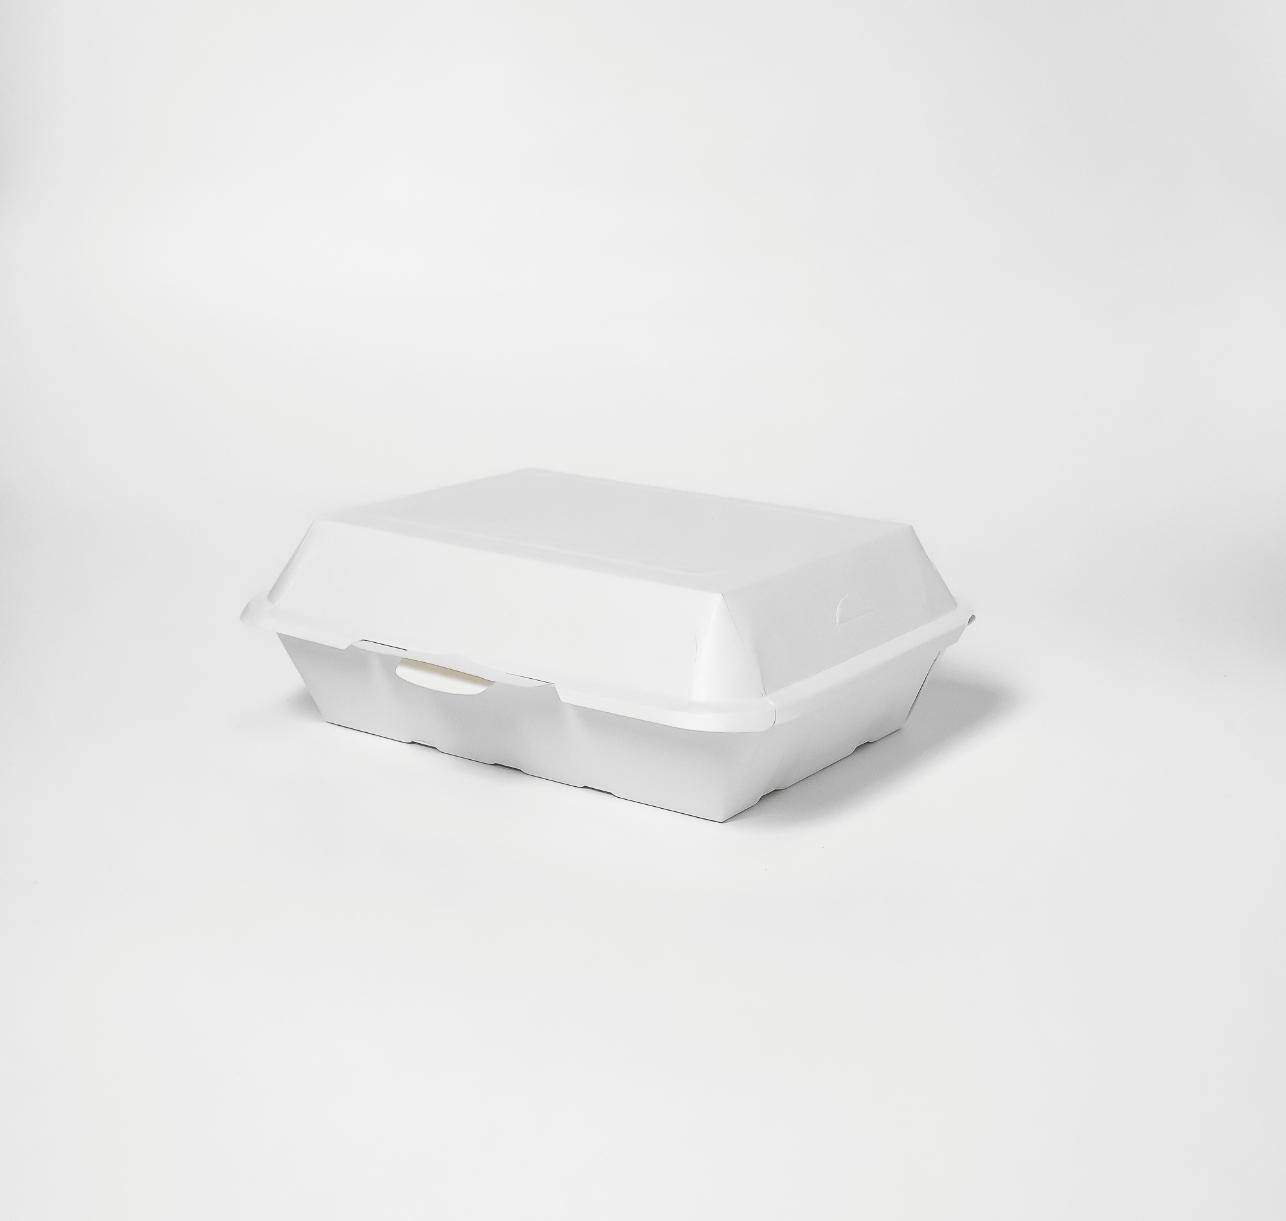 กล่องอาหารกระดาษ Eco 2000ml